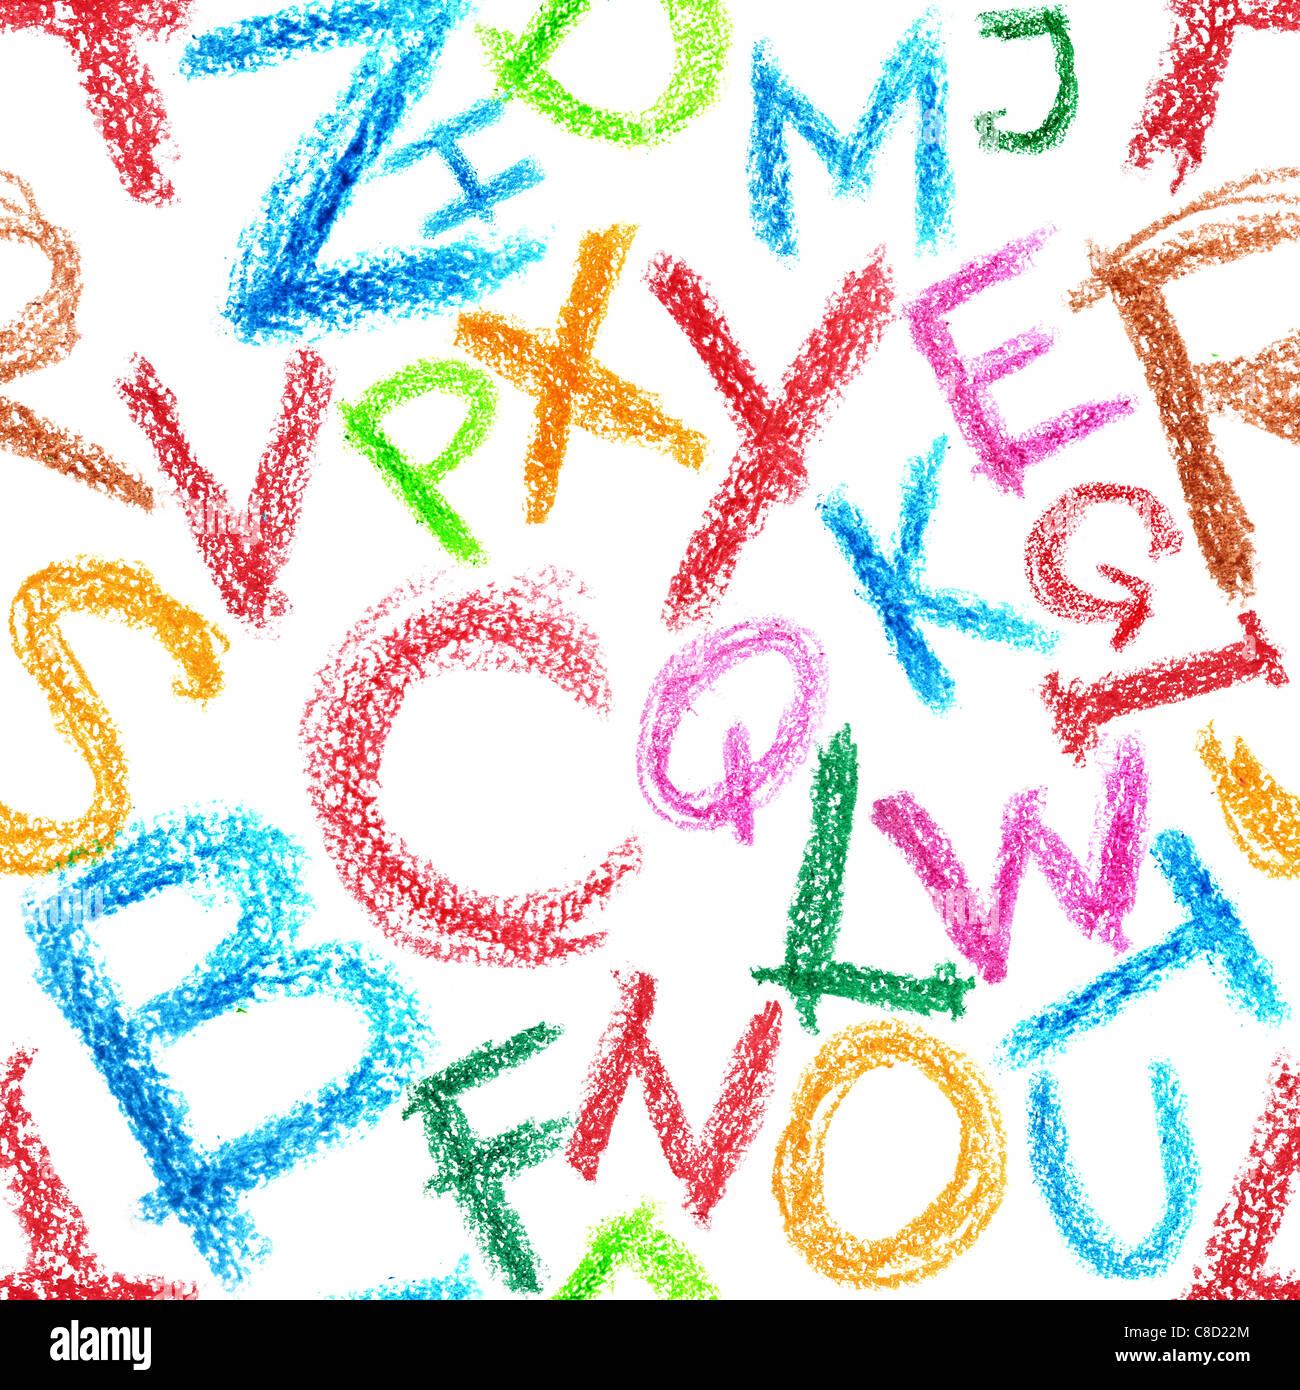 Modèle logique - alphabet Crayon sur fond blanc Photo Stock